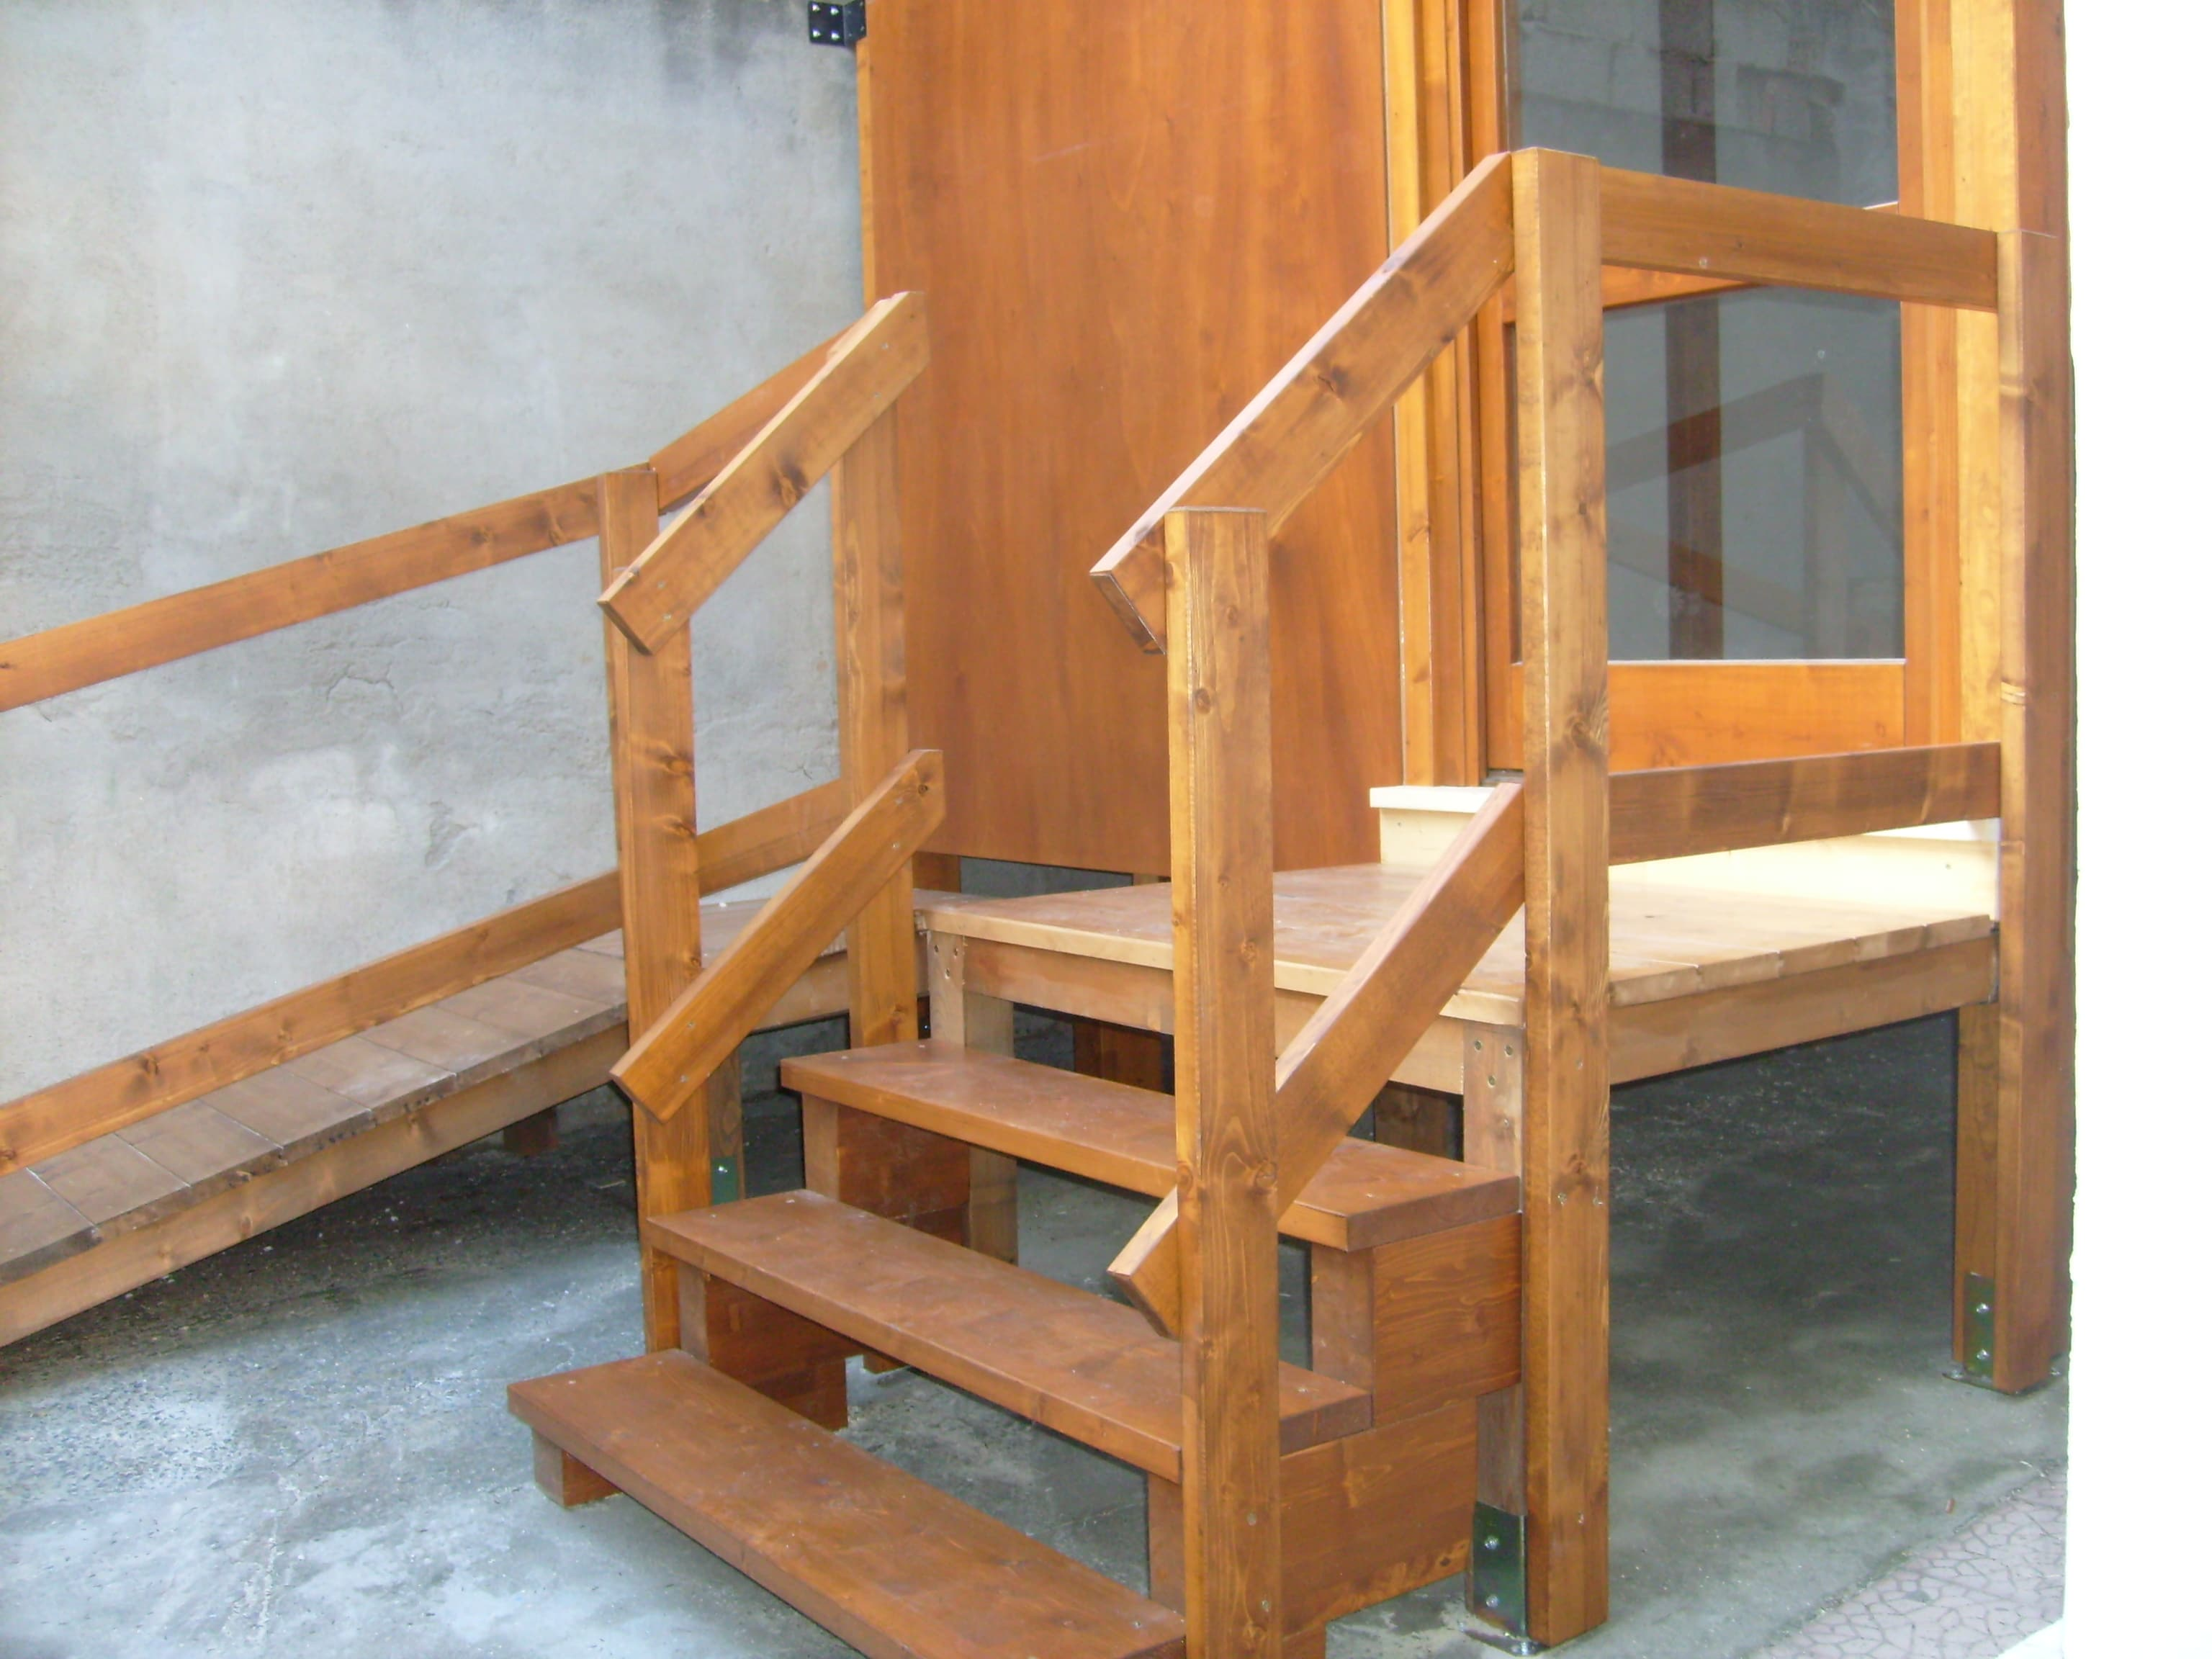 Box indipendente per esterno in legno lamellare abete verniciato